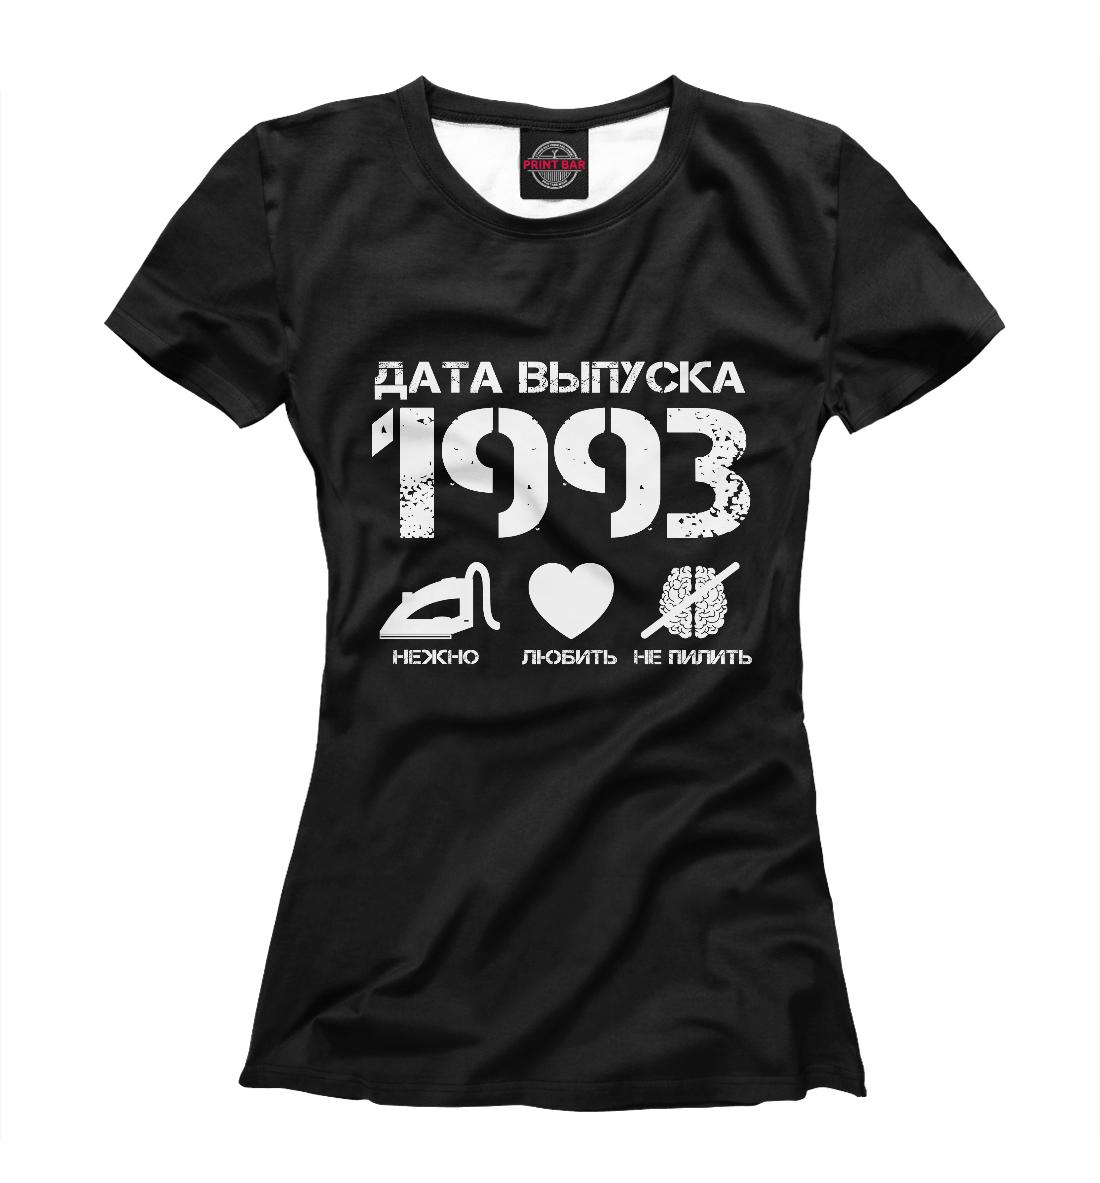 Купить Дата выпуска 1993, Printbar, Футболки, DDT-182341-fut-1